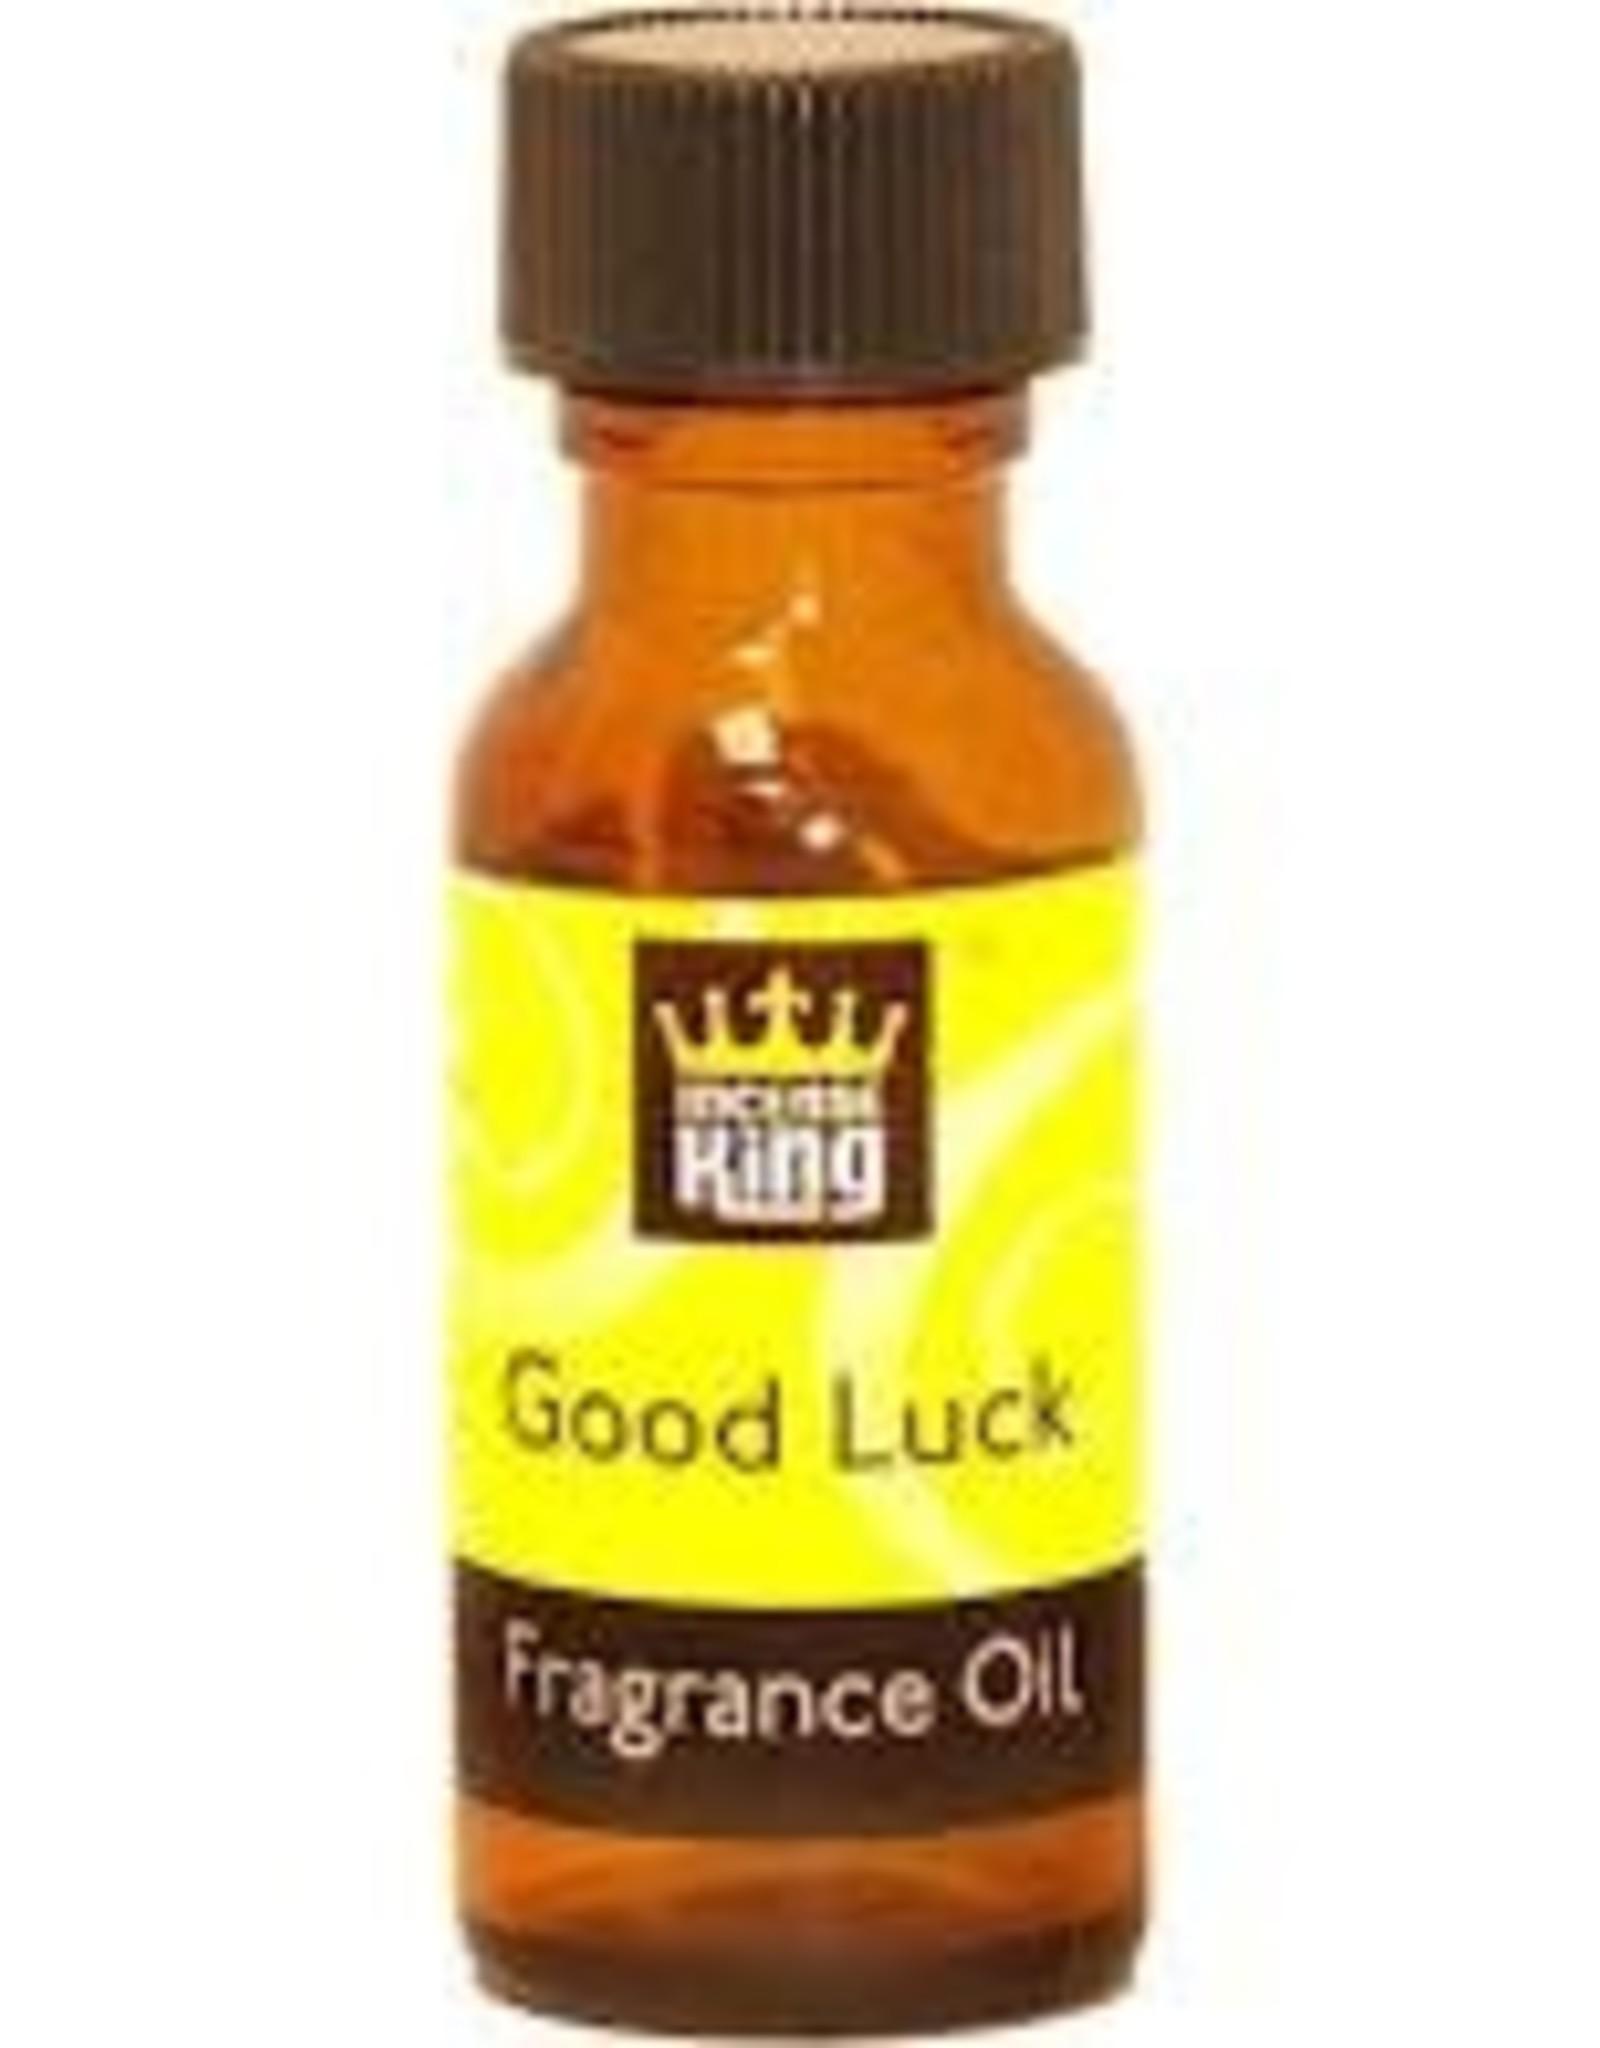 Oil Good Luck Fragrance IK KE